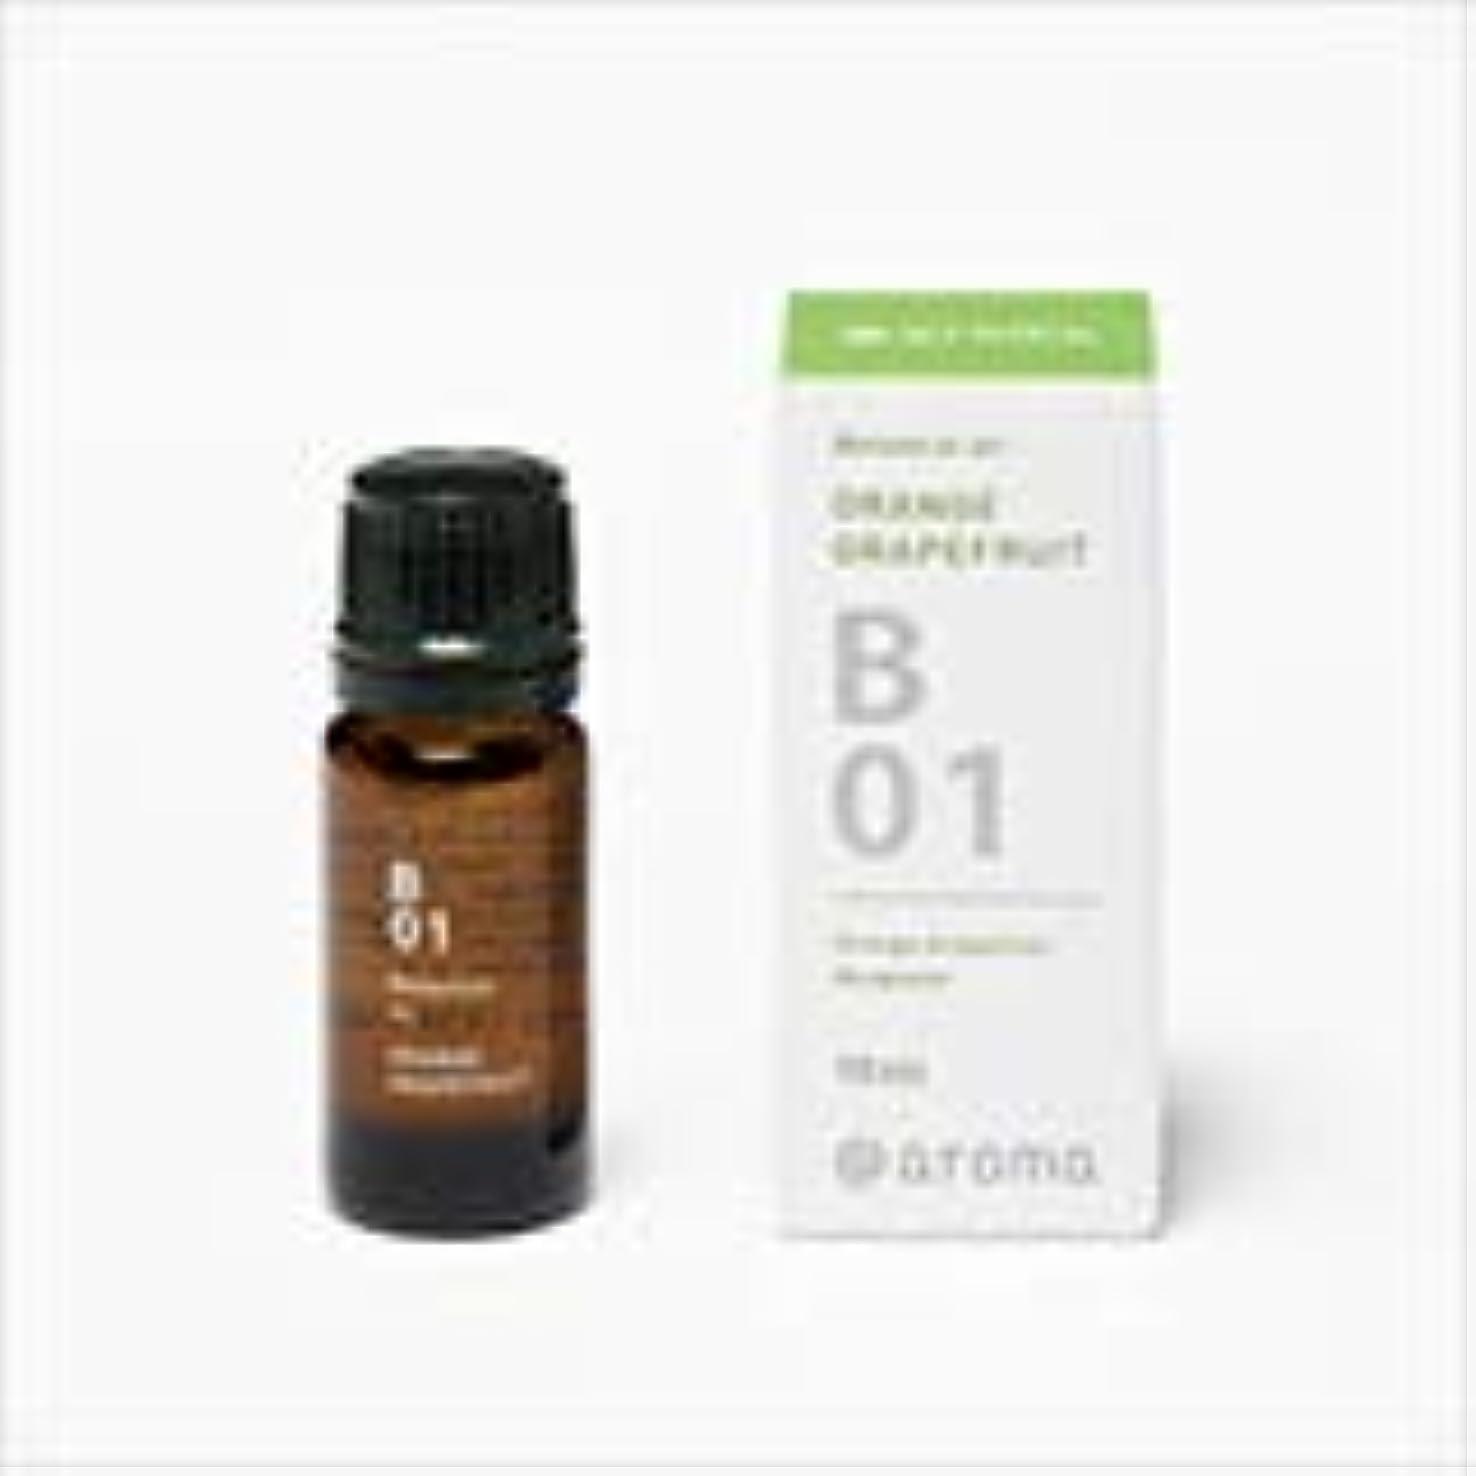 ブランド名ドラゴン封筒アットアロマ 100%pure essential oil <Botanical air ジュニパーシダー>